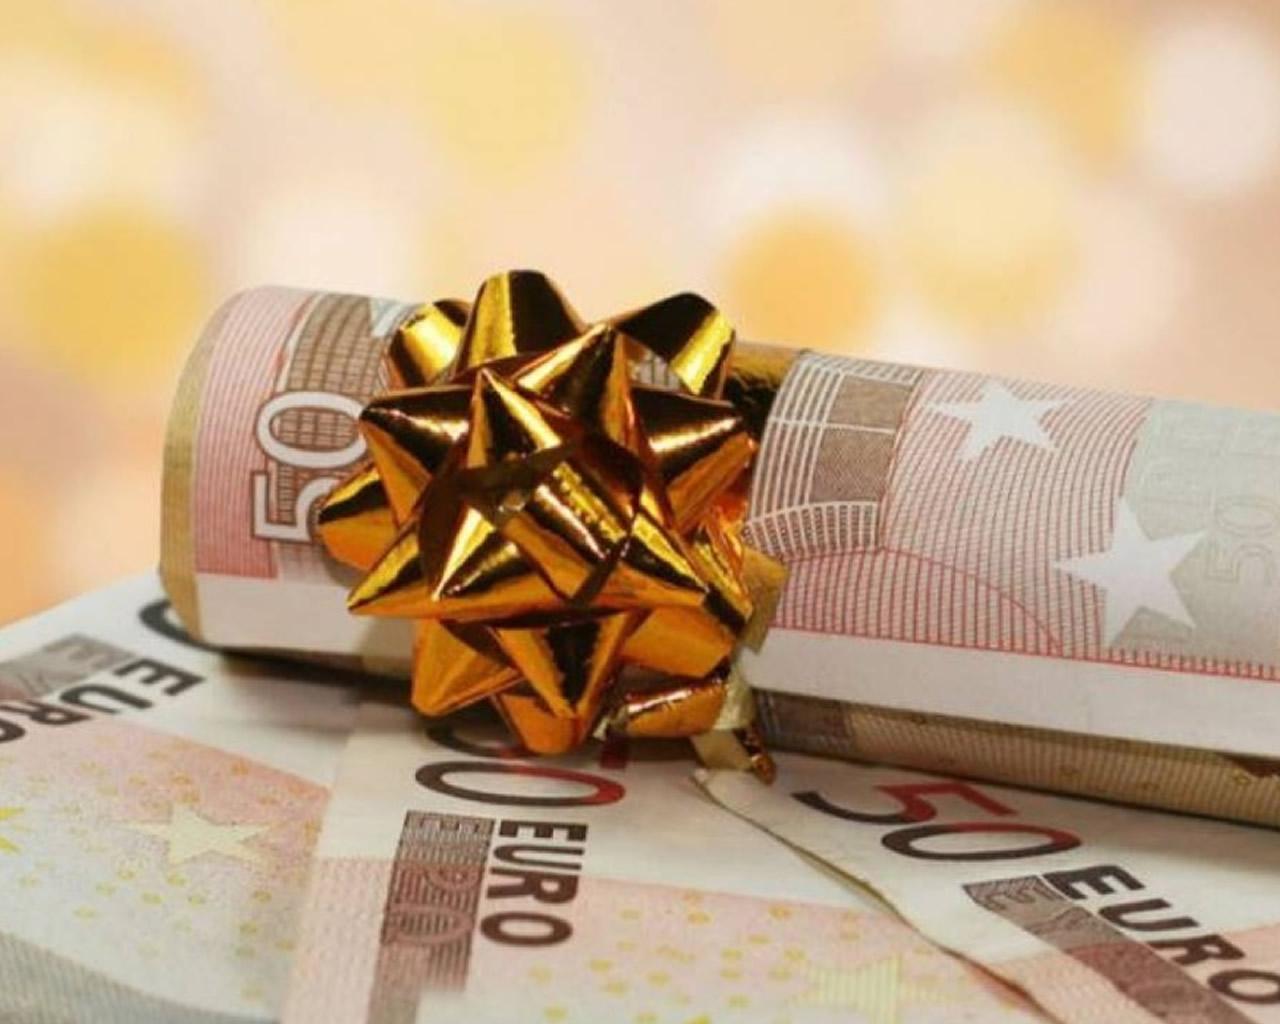 Επίδομα 800 ευρώ – Δώρο Χριστουγέννων: Δικαιούχοι και ημερομηνίες πληρωμής